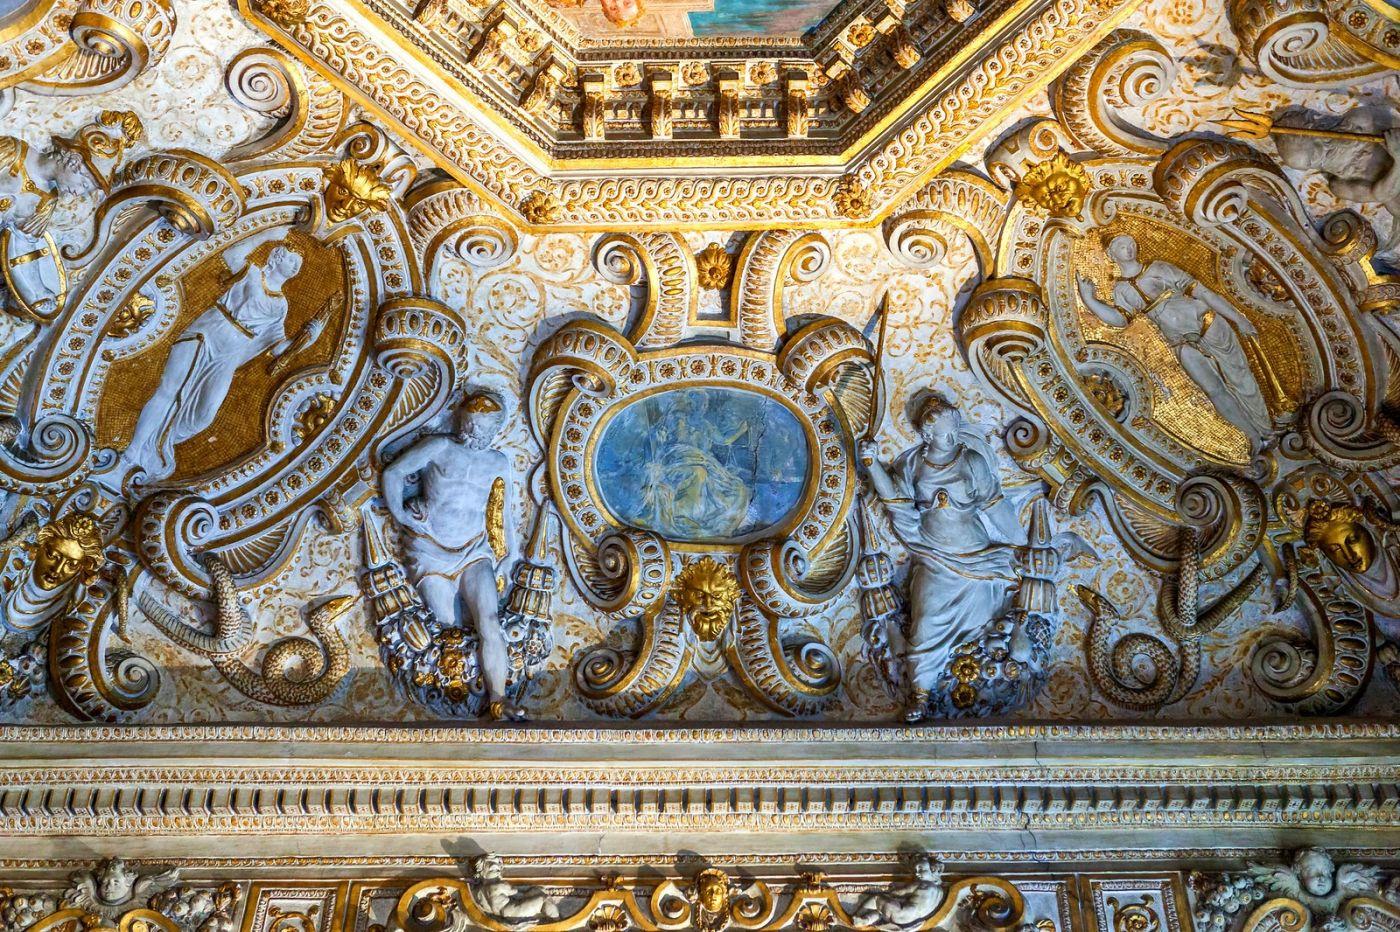 威尼斯圣马可大教堂(St Mark's Basilica), 精雕细琢的顶设_图1-17